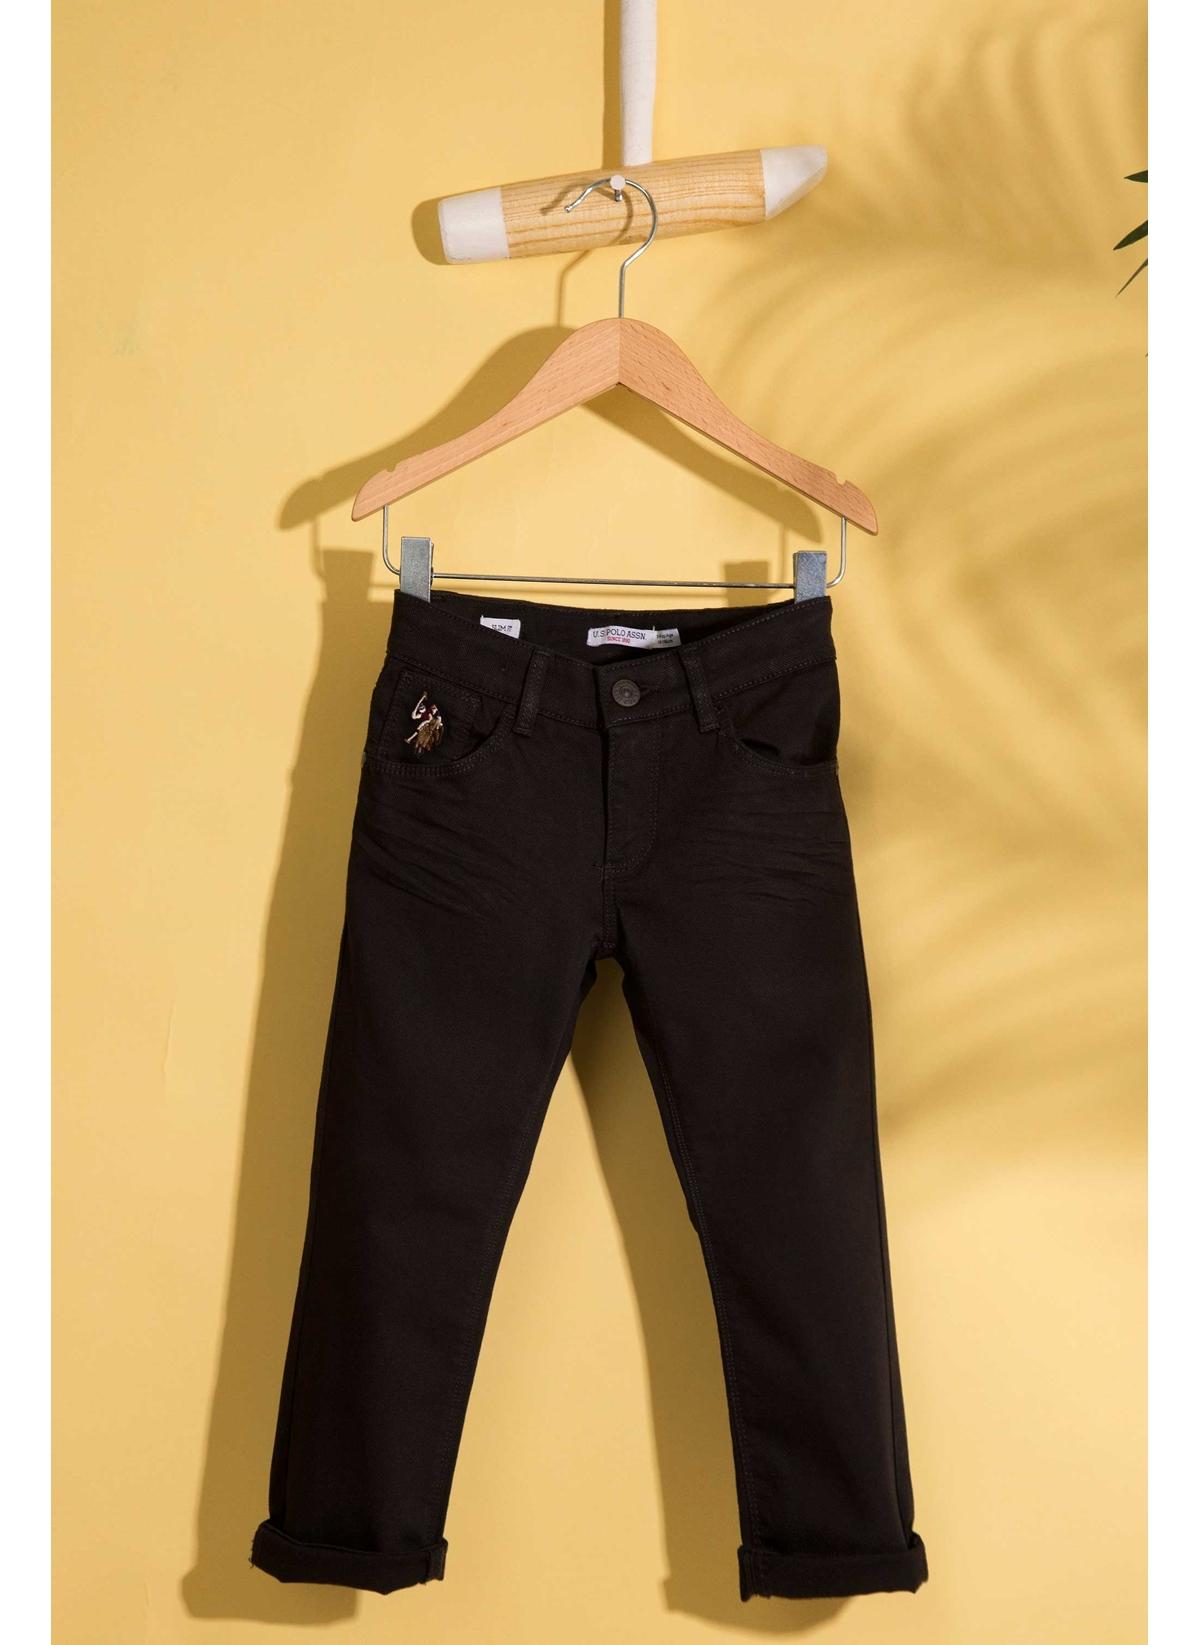 U.S. Polo Assn. Pantolon 6 Yaş 5001704582008 Ürün Resmi